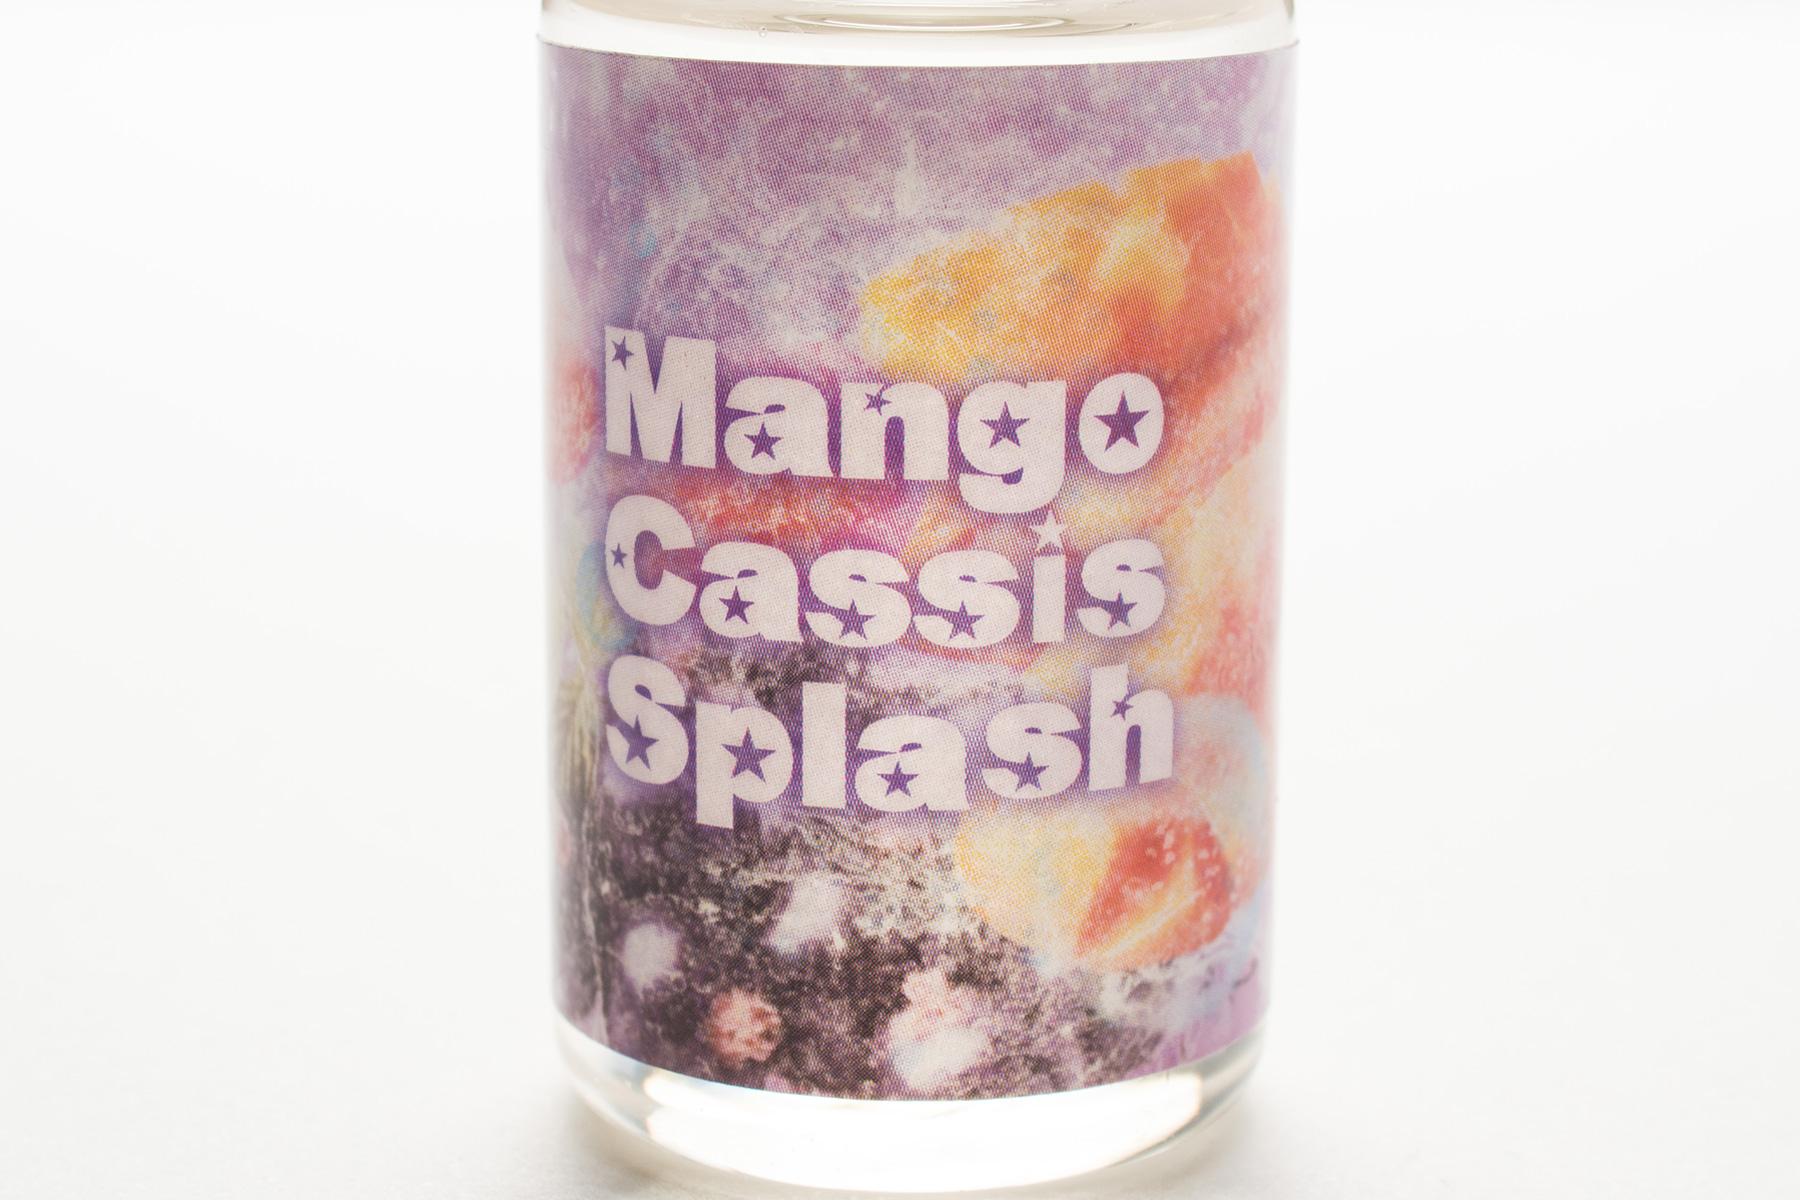 【リキッド】MANGO CASSIS「マンゴーカシス」 (SPLASH E-LIQUID/スプラッシュ・イーリキッド) レビュー